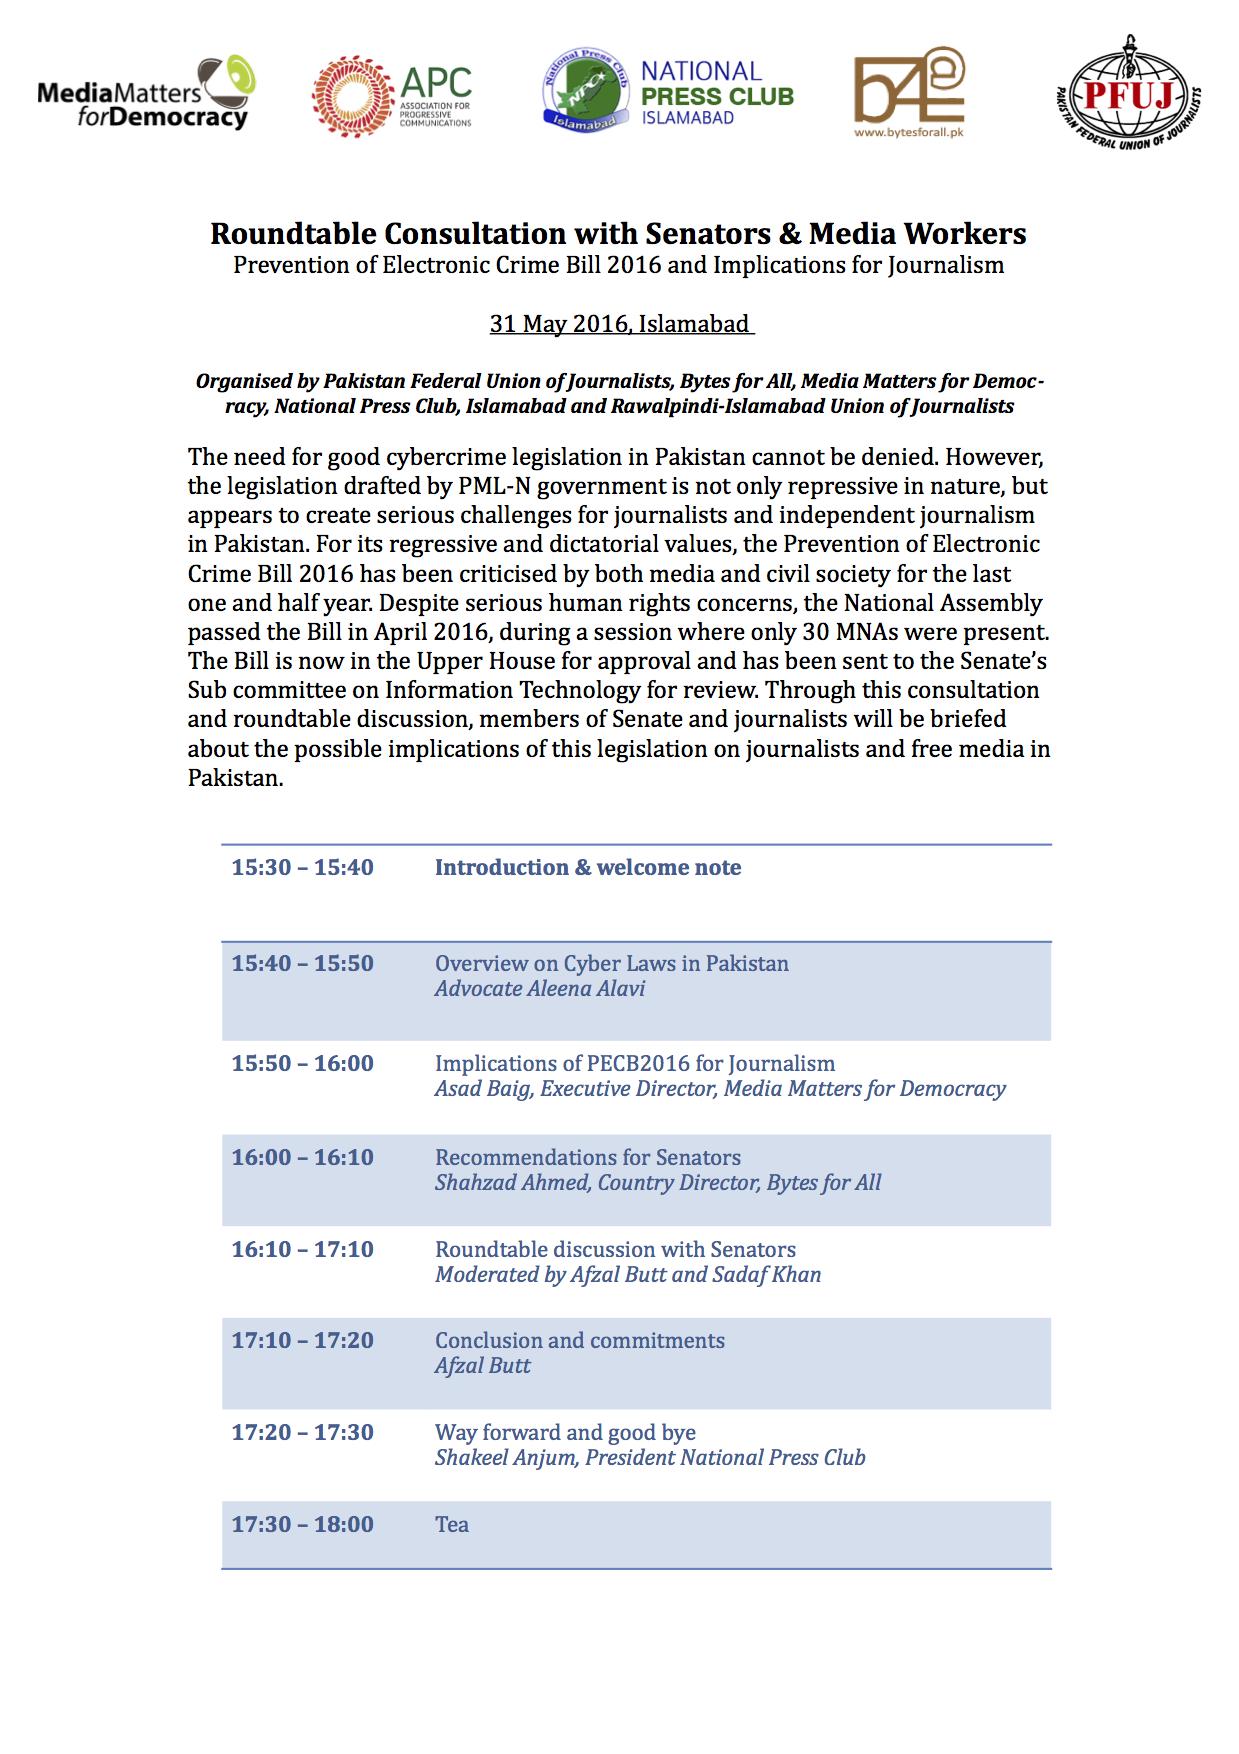 PECB Consultation Agenda